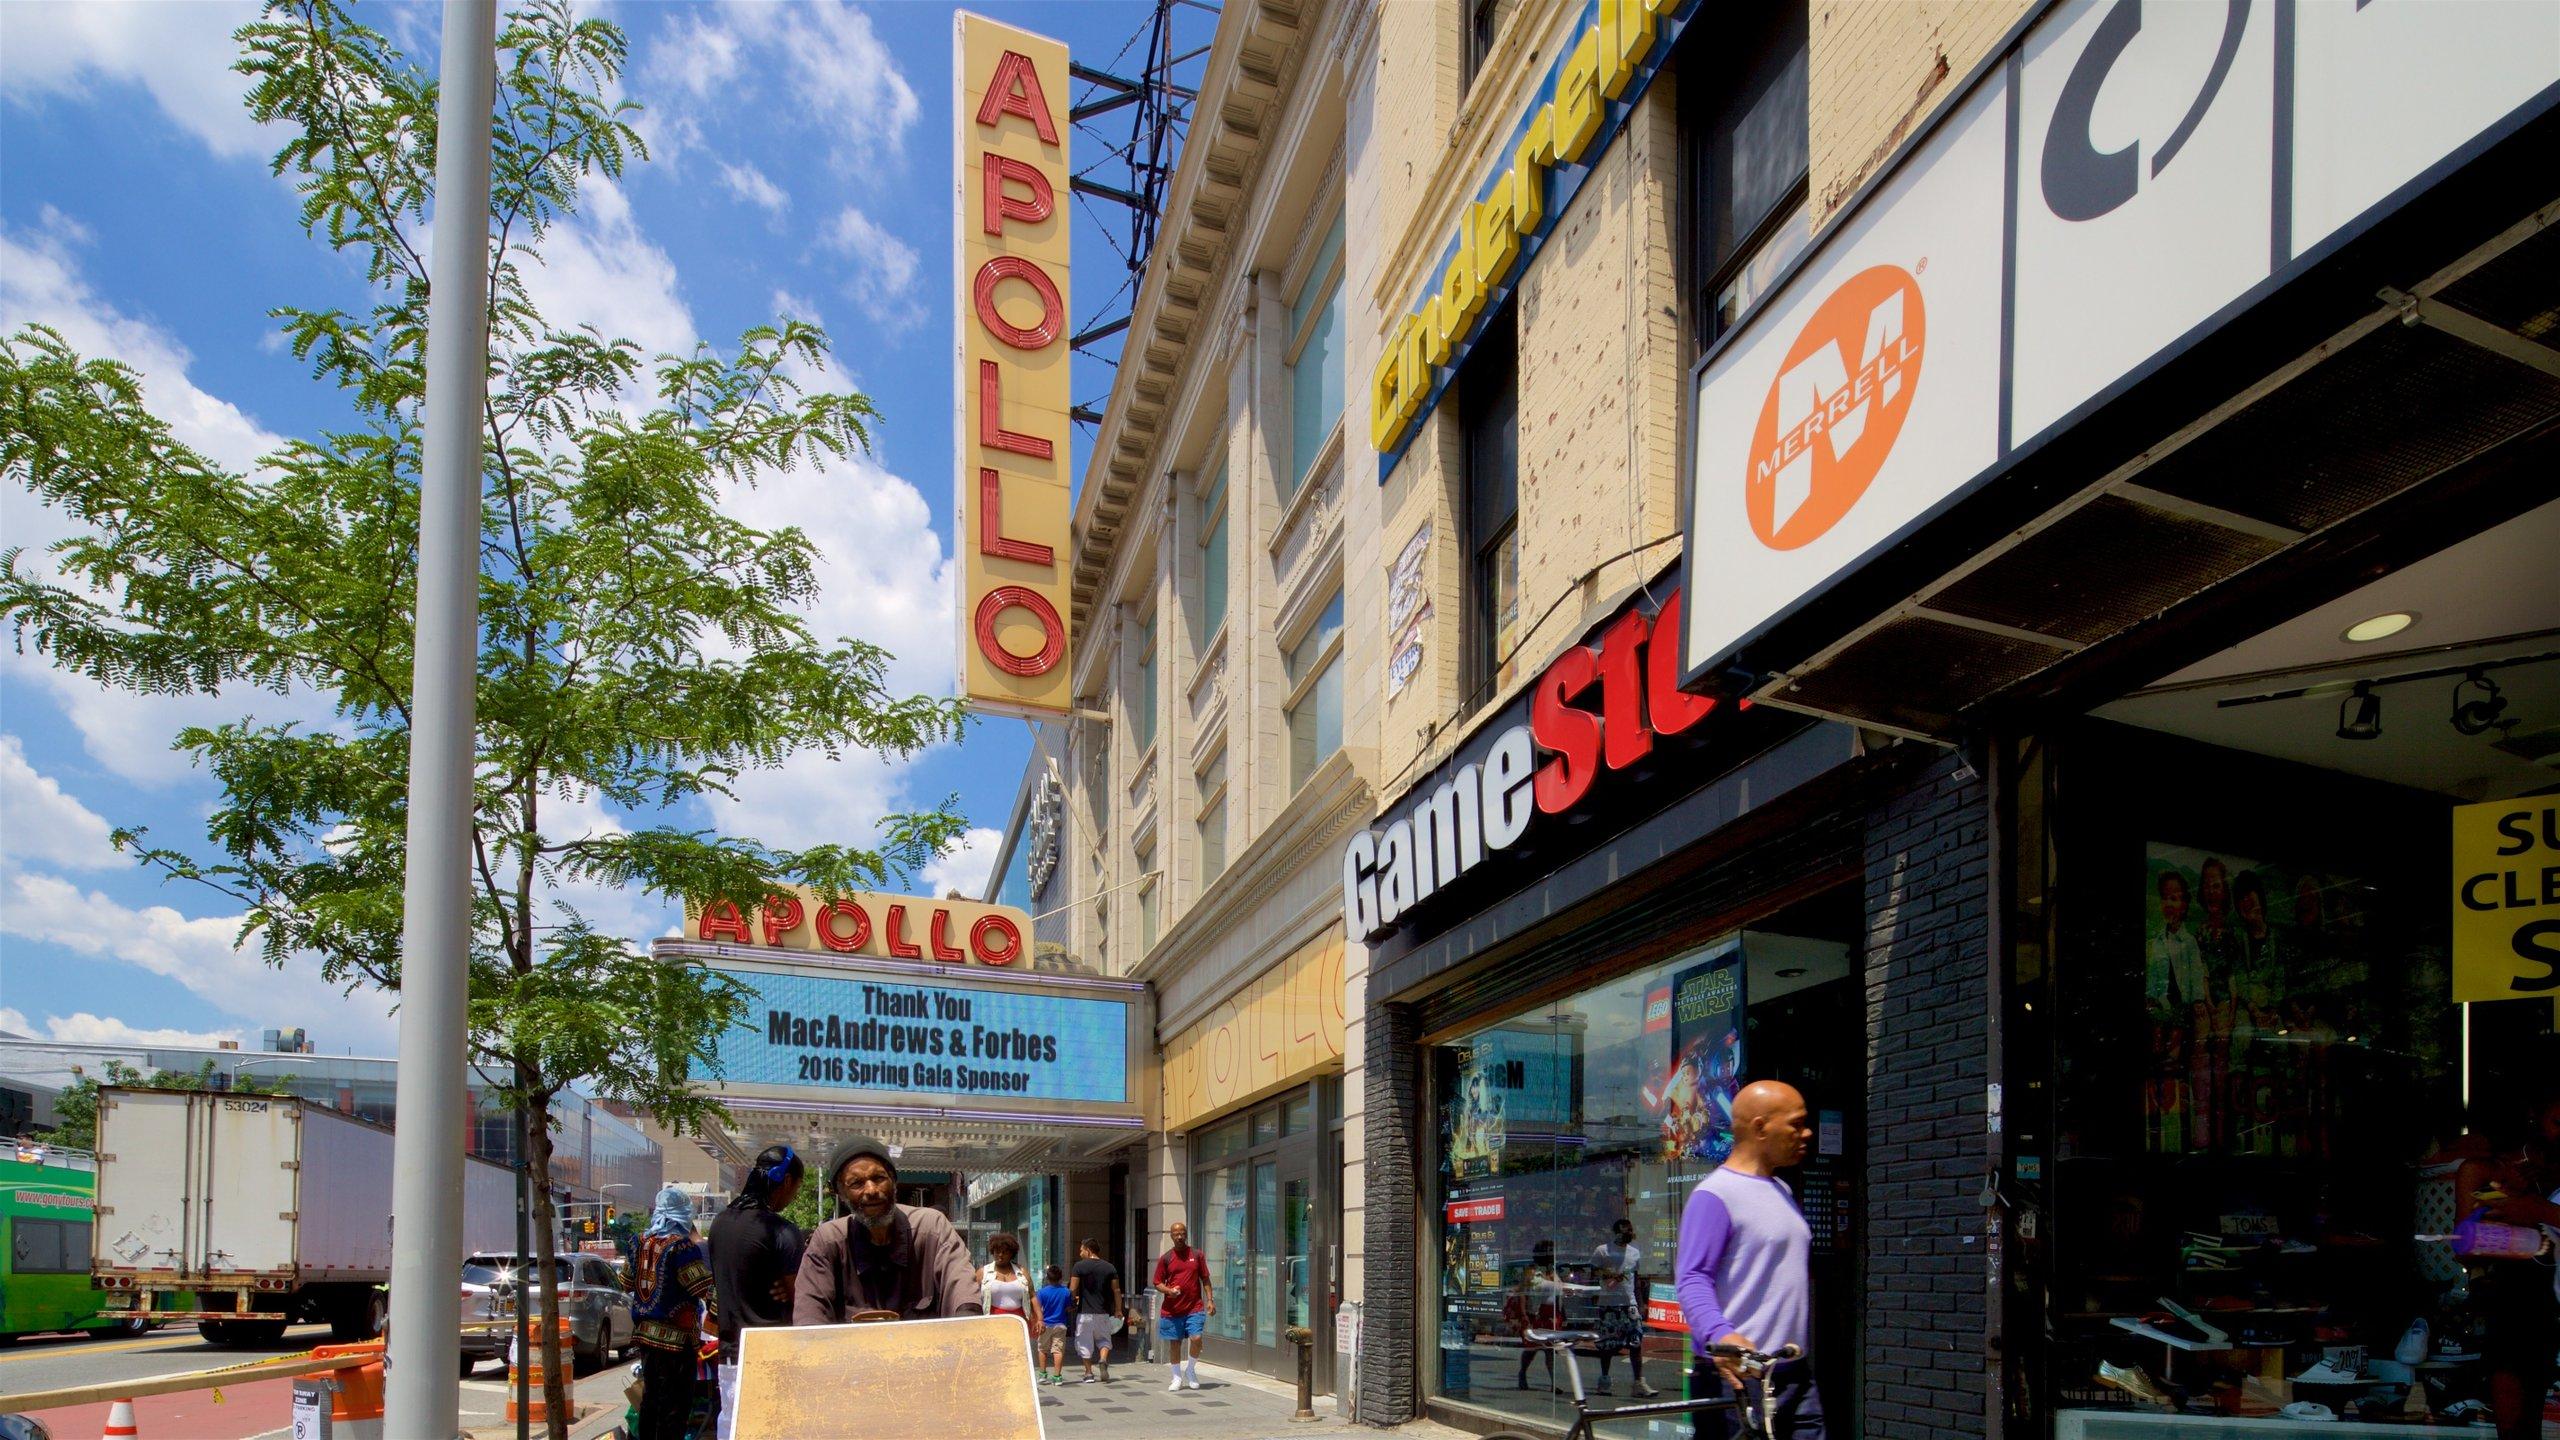 Harlem, New York, New York, United States of America